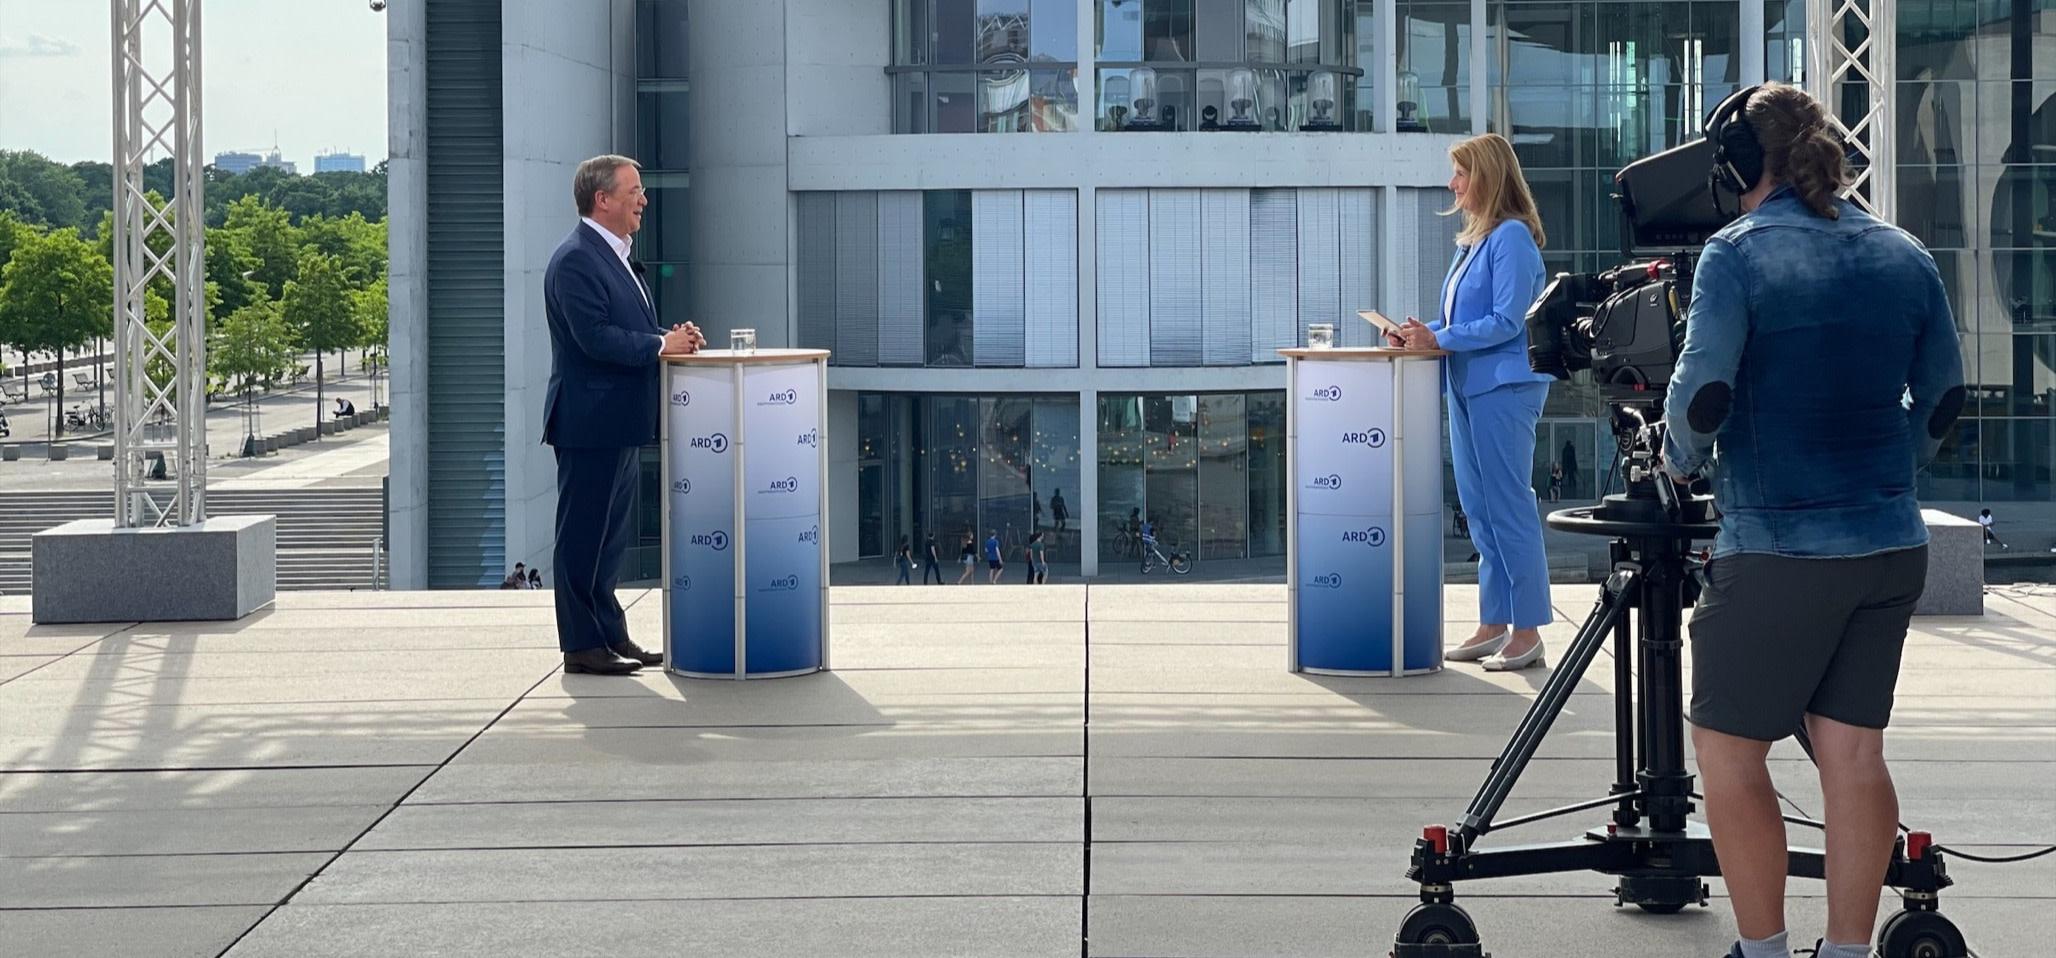 Foto: CDU/Lukas Schumacher